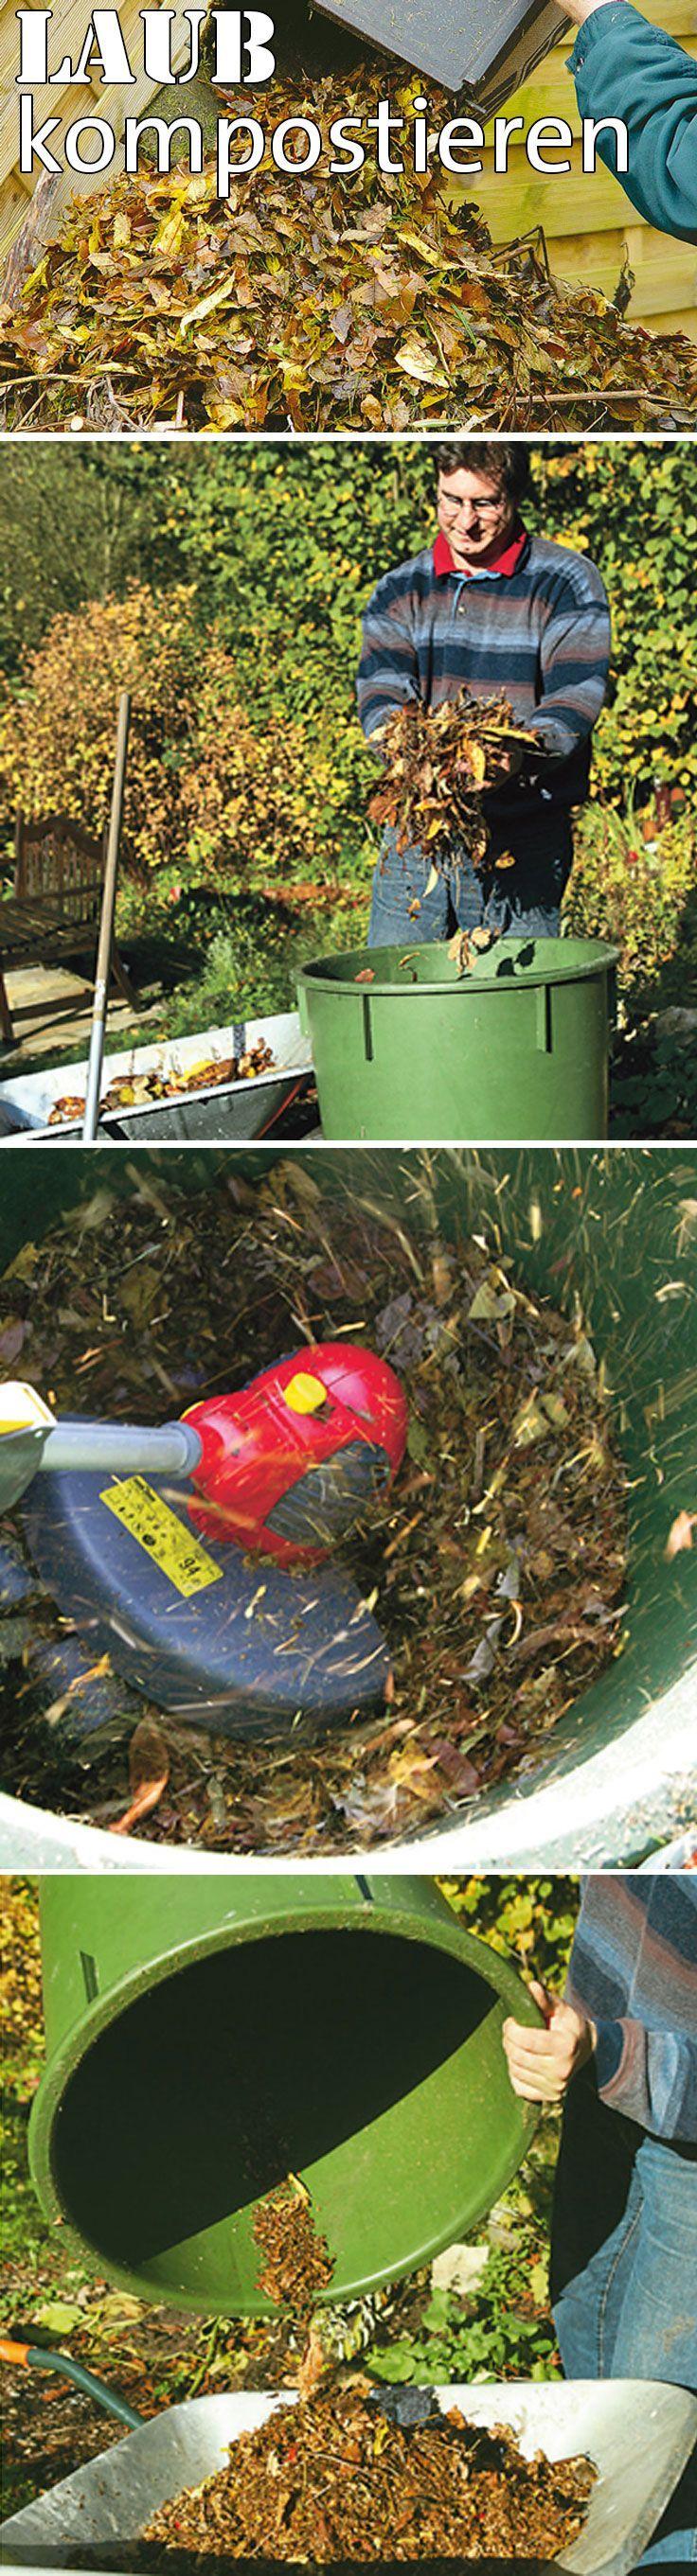 Im Herbst fällt meist eine ganze Menge Laub von den Bäumen ab. Aber statt das Laub einfach wegzuwerfen, kannst du es sinnvoll nutzen. Entweder zur Flächenkompostierung oder im normalen Kompost. Allerdings solltest du es dann zuvor zerkleinern, damit es schneller zersetzt werden kann. Und auch die Menge ist nicht unwichtig. Wir erklären, was es zu beachten gilt. #Kompost #komposthaufen